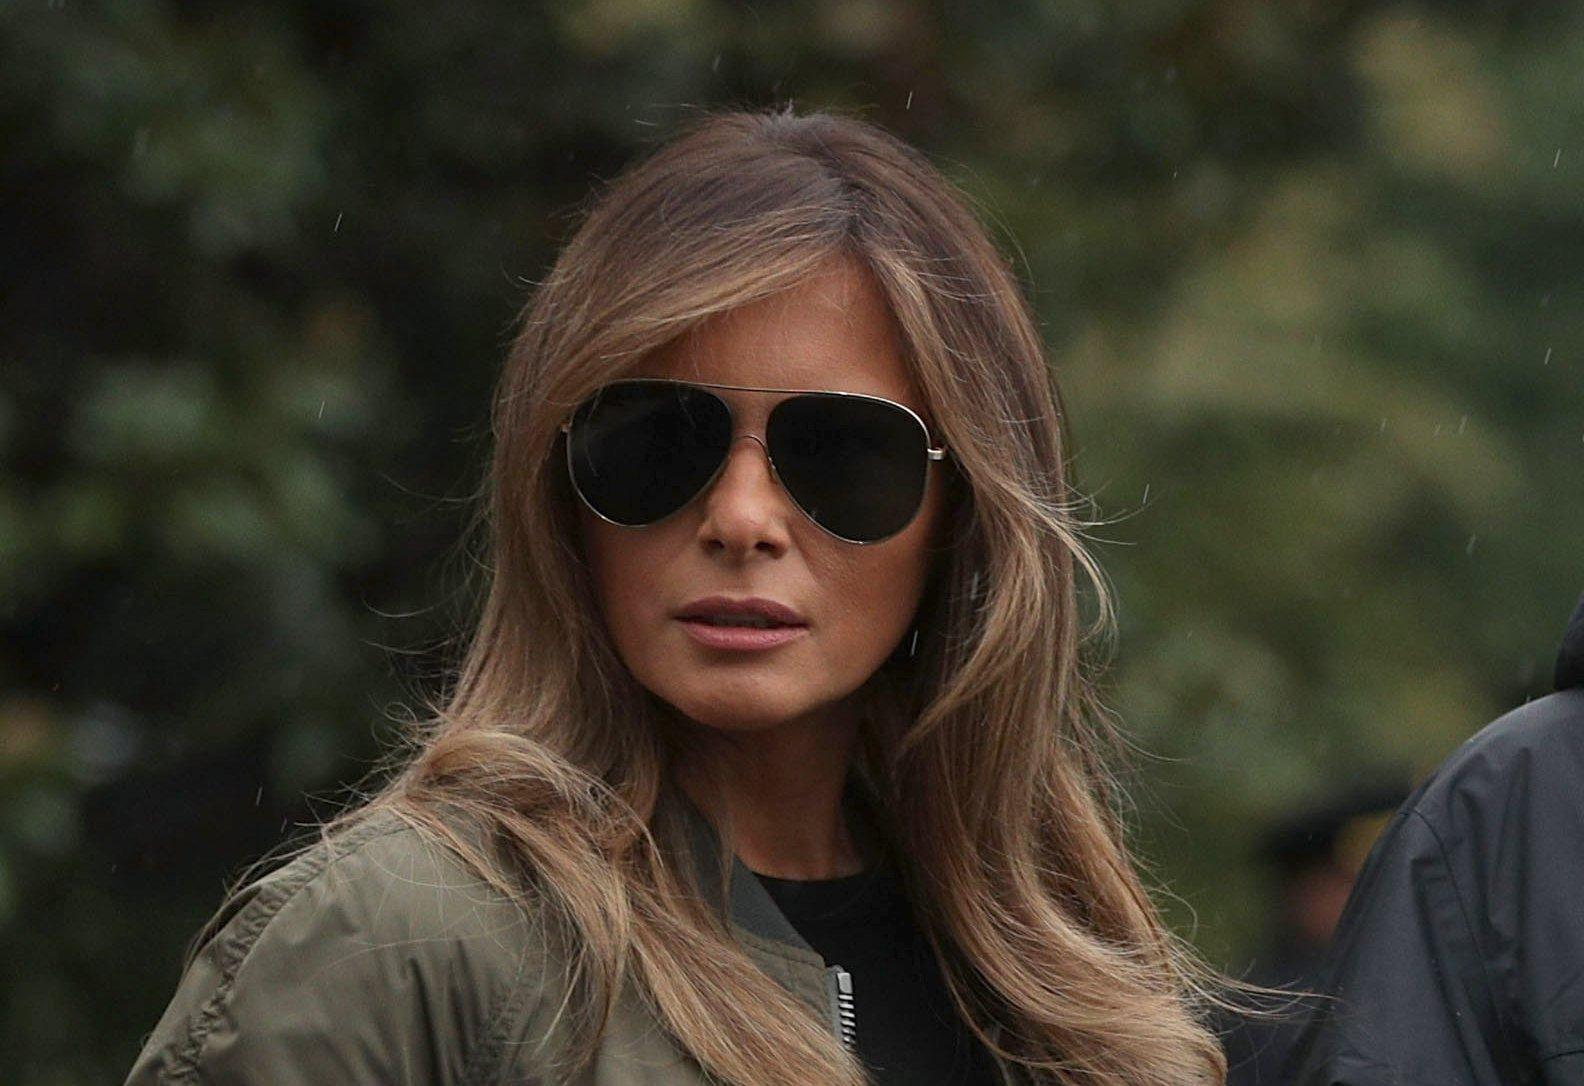 Забудем о платьях: в сети обсуждают новый стильный наряд Мелании Трамп